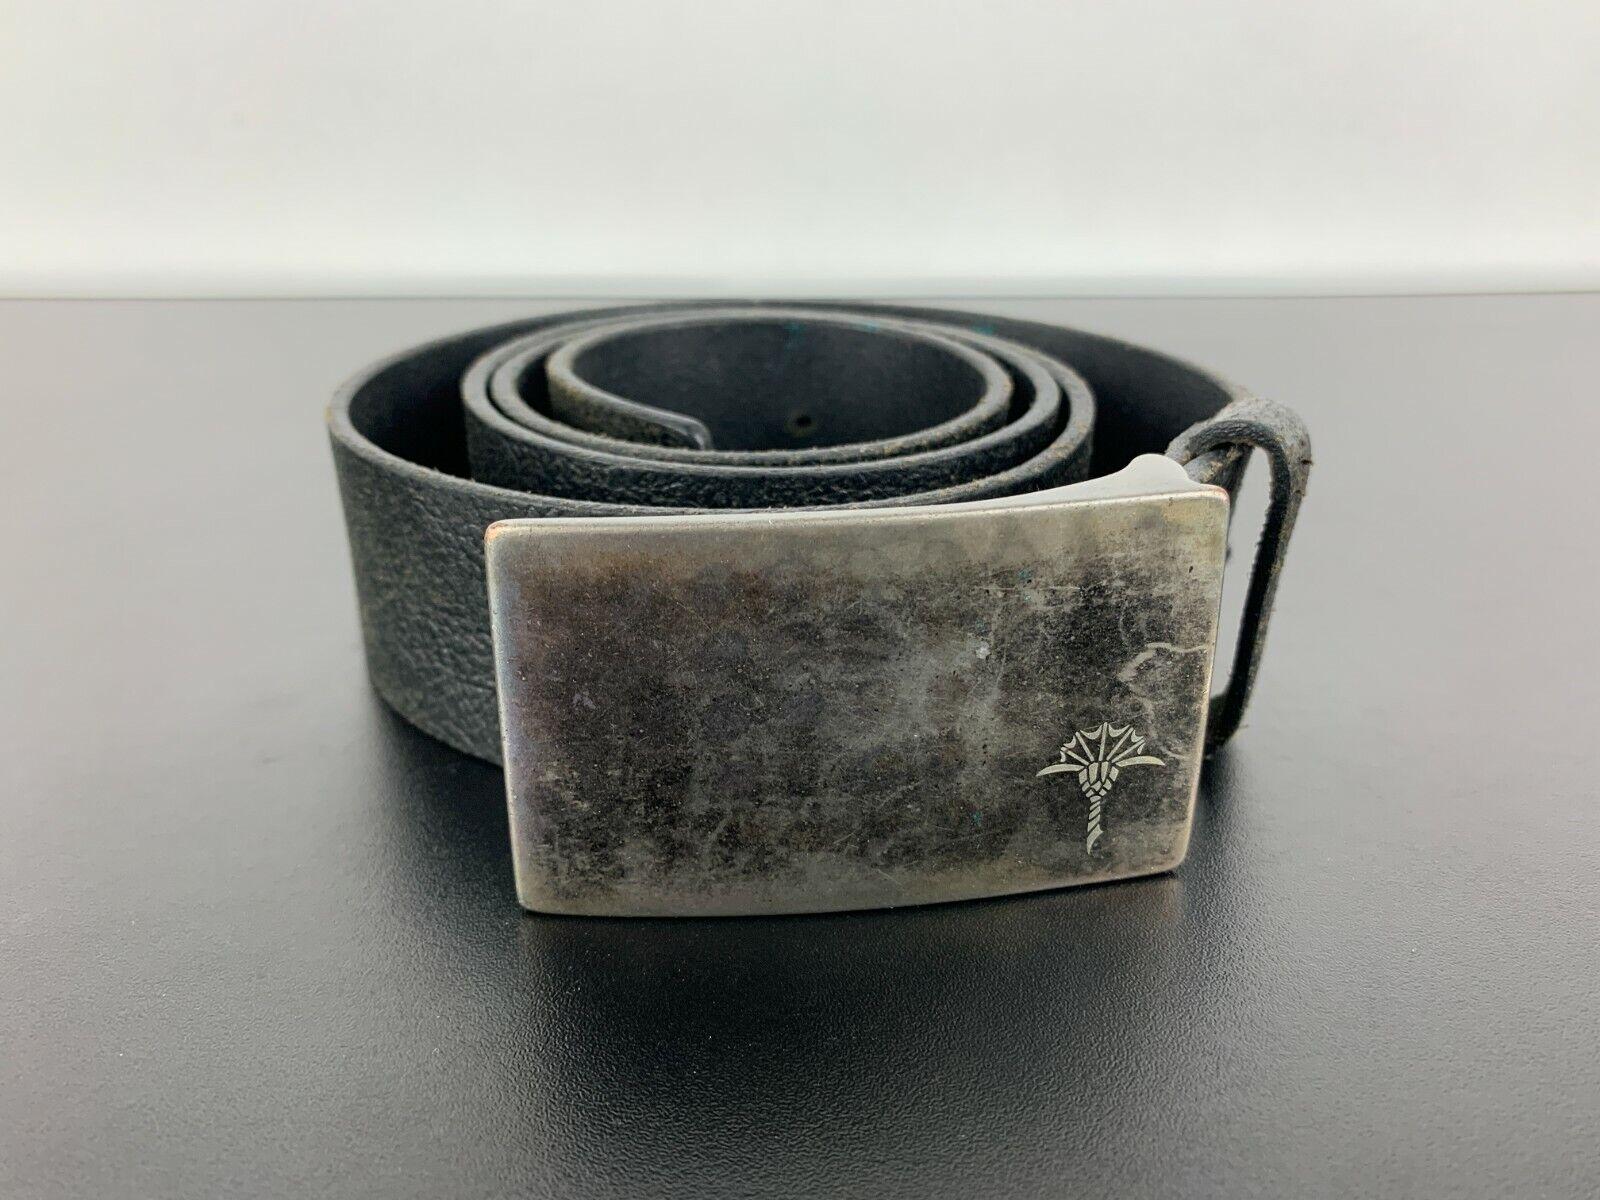 JOOP! JEANS Vintage Schnalle Ledergürtel Genuine Leather Belt Schwarz Black 95